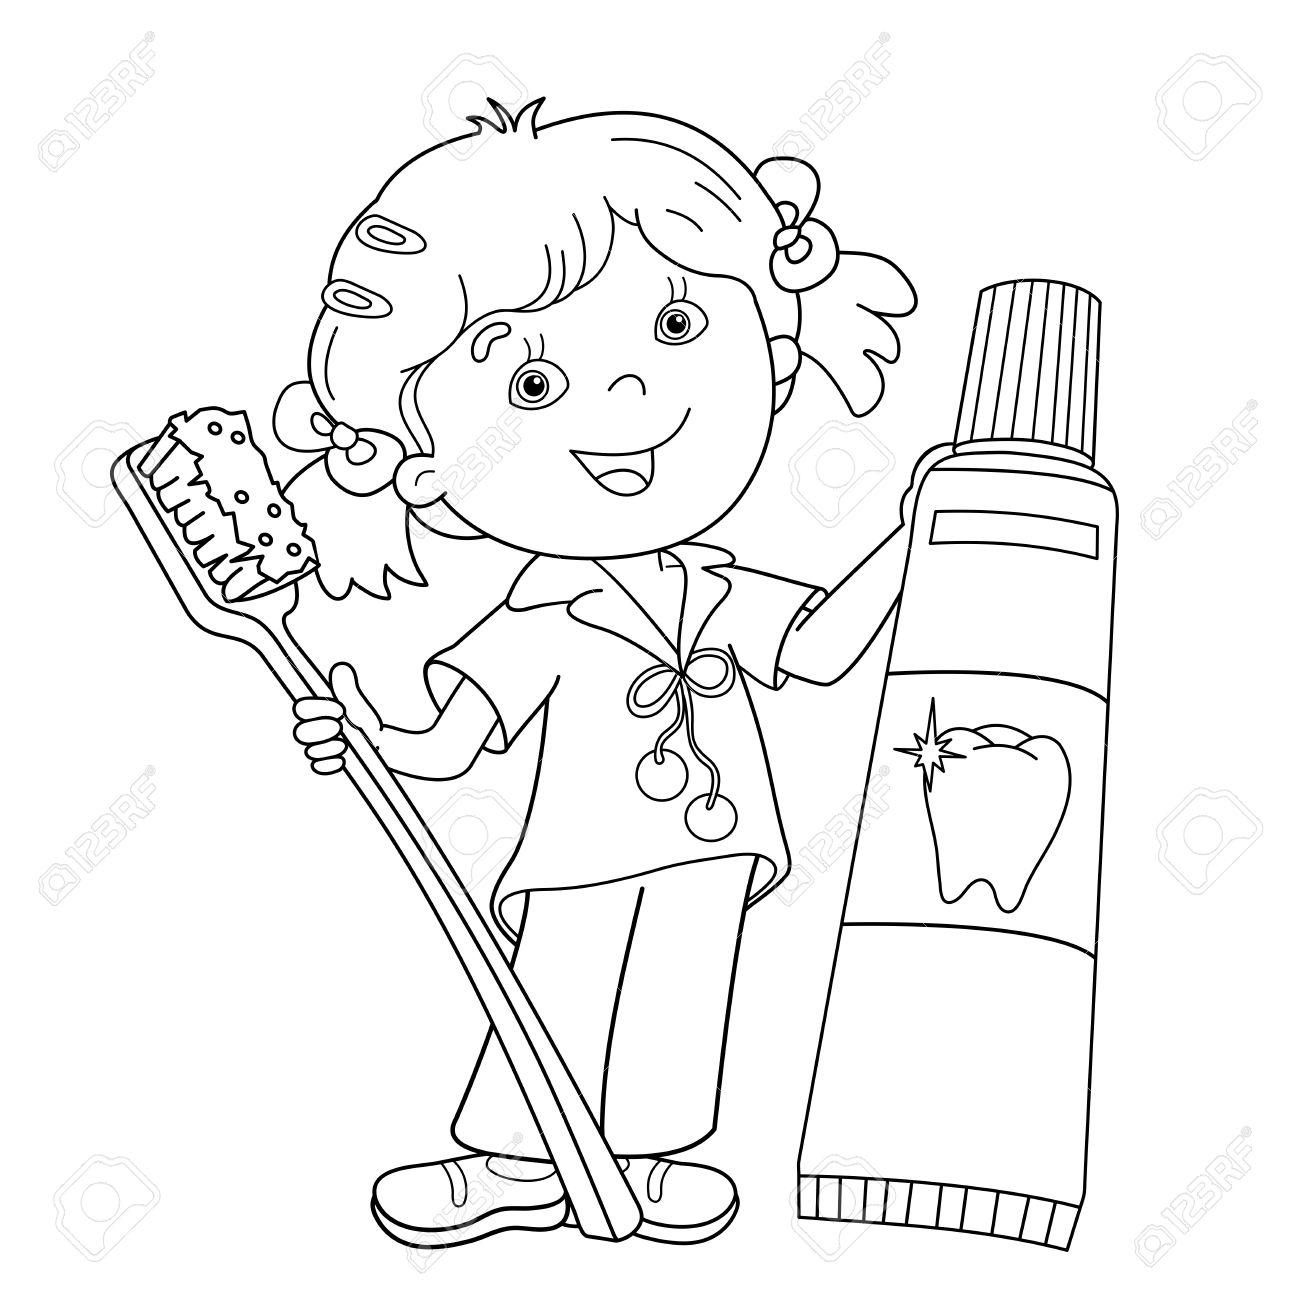 Página Para Colorear Esquema De Niña De Dibujos Animados Con El Cepillo De Dientes Y Pasta De Dientes Libro De Colorear Para Niños